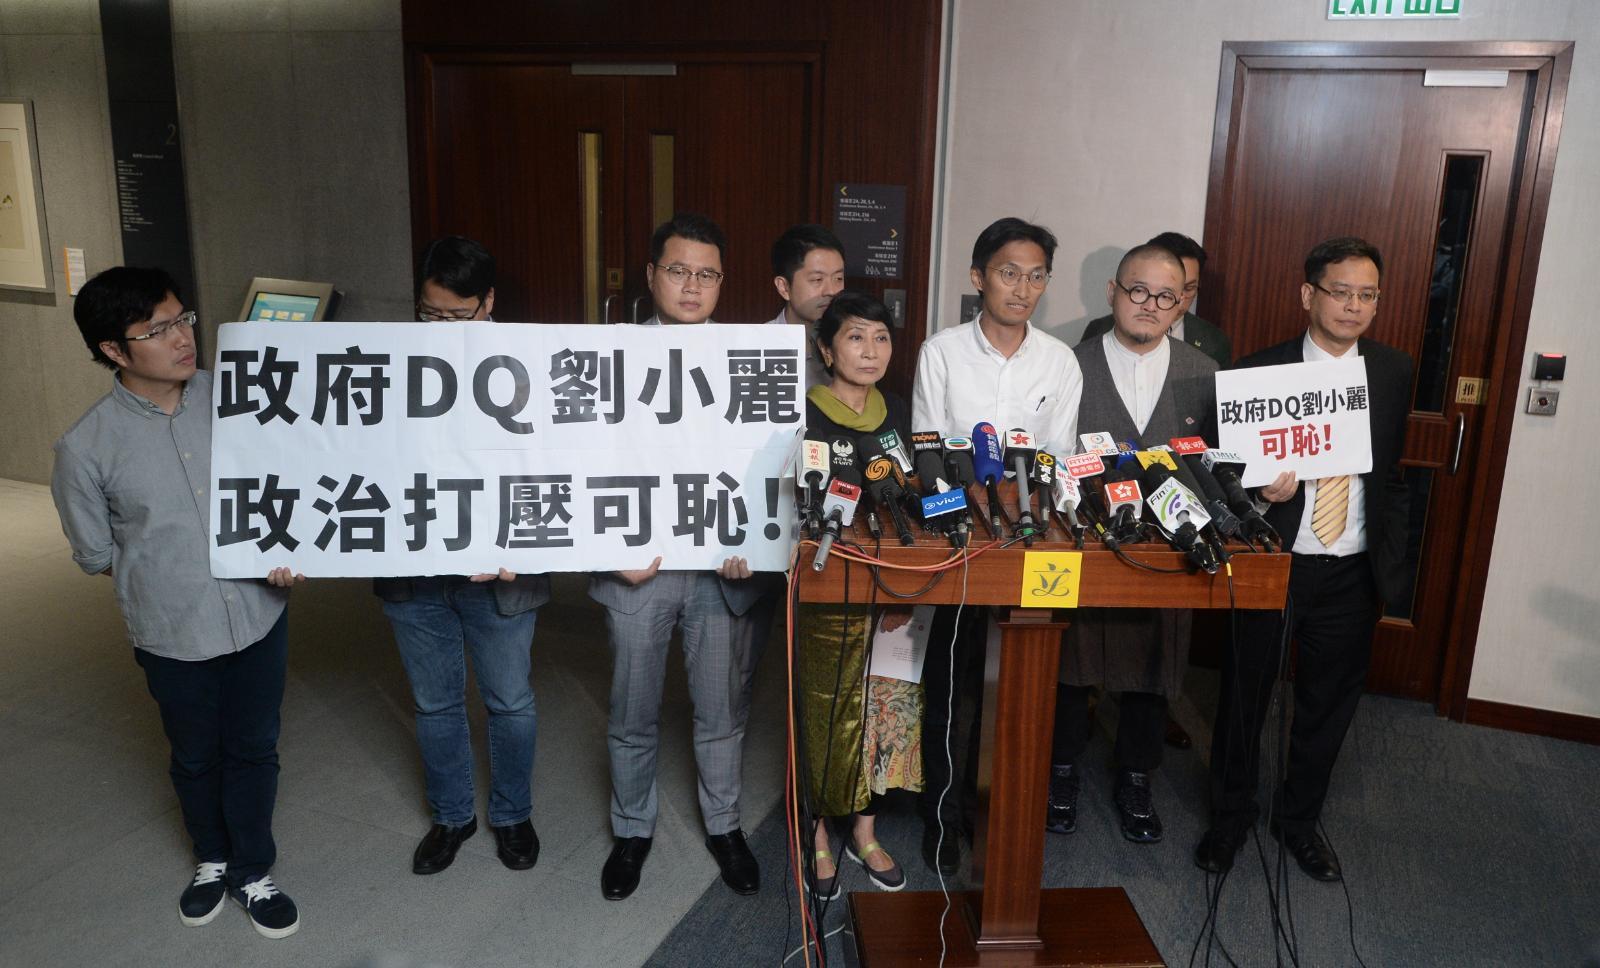 民主派譴責DQ做法。